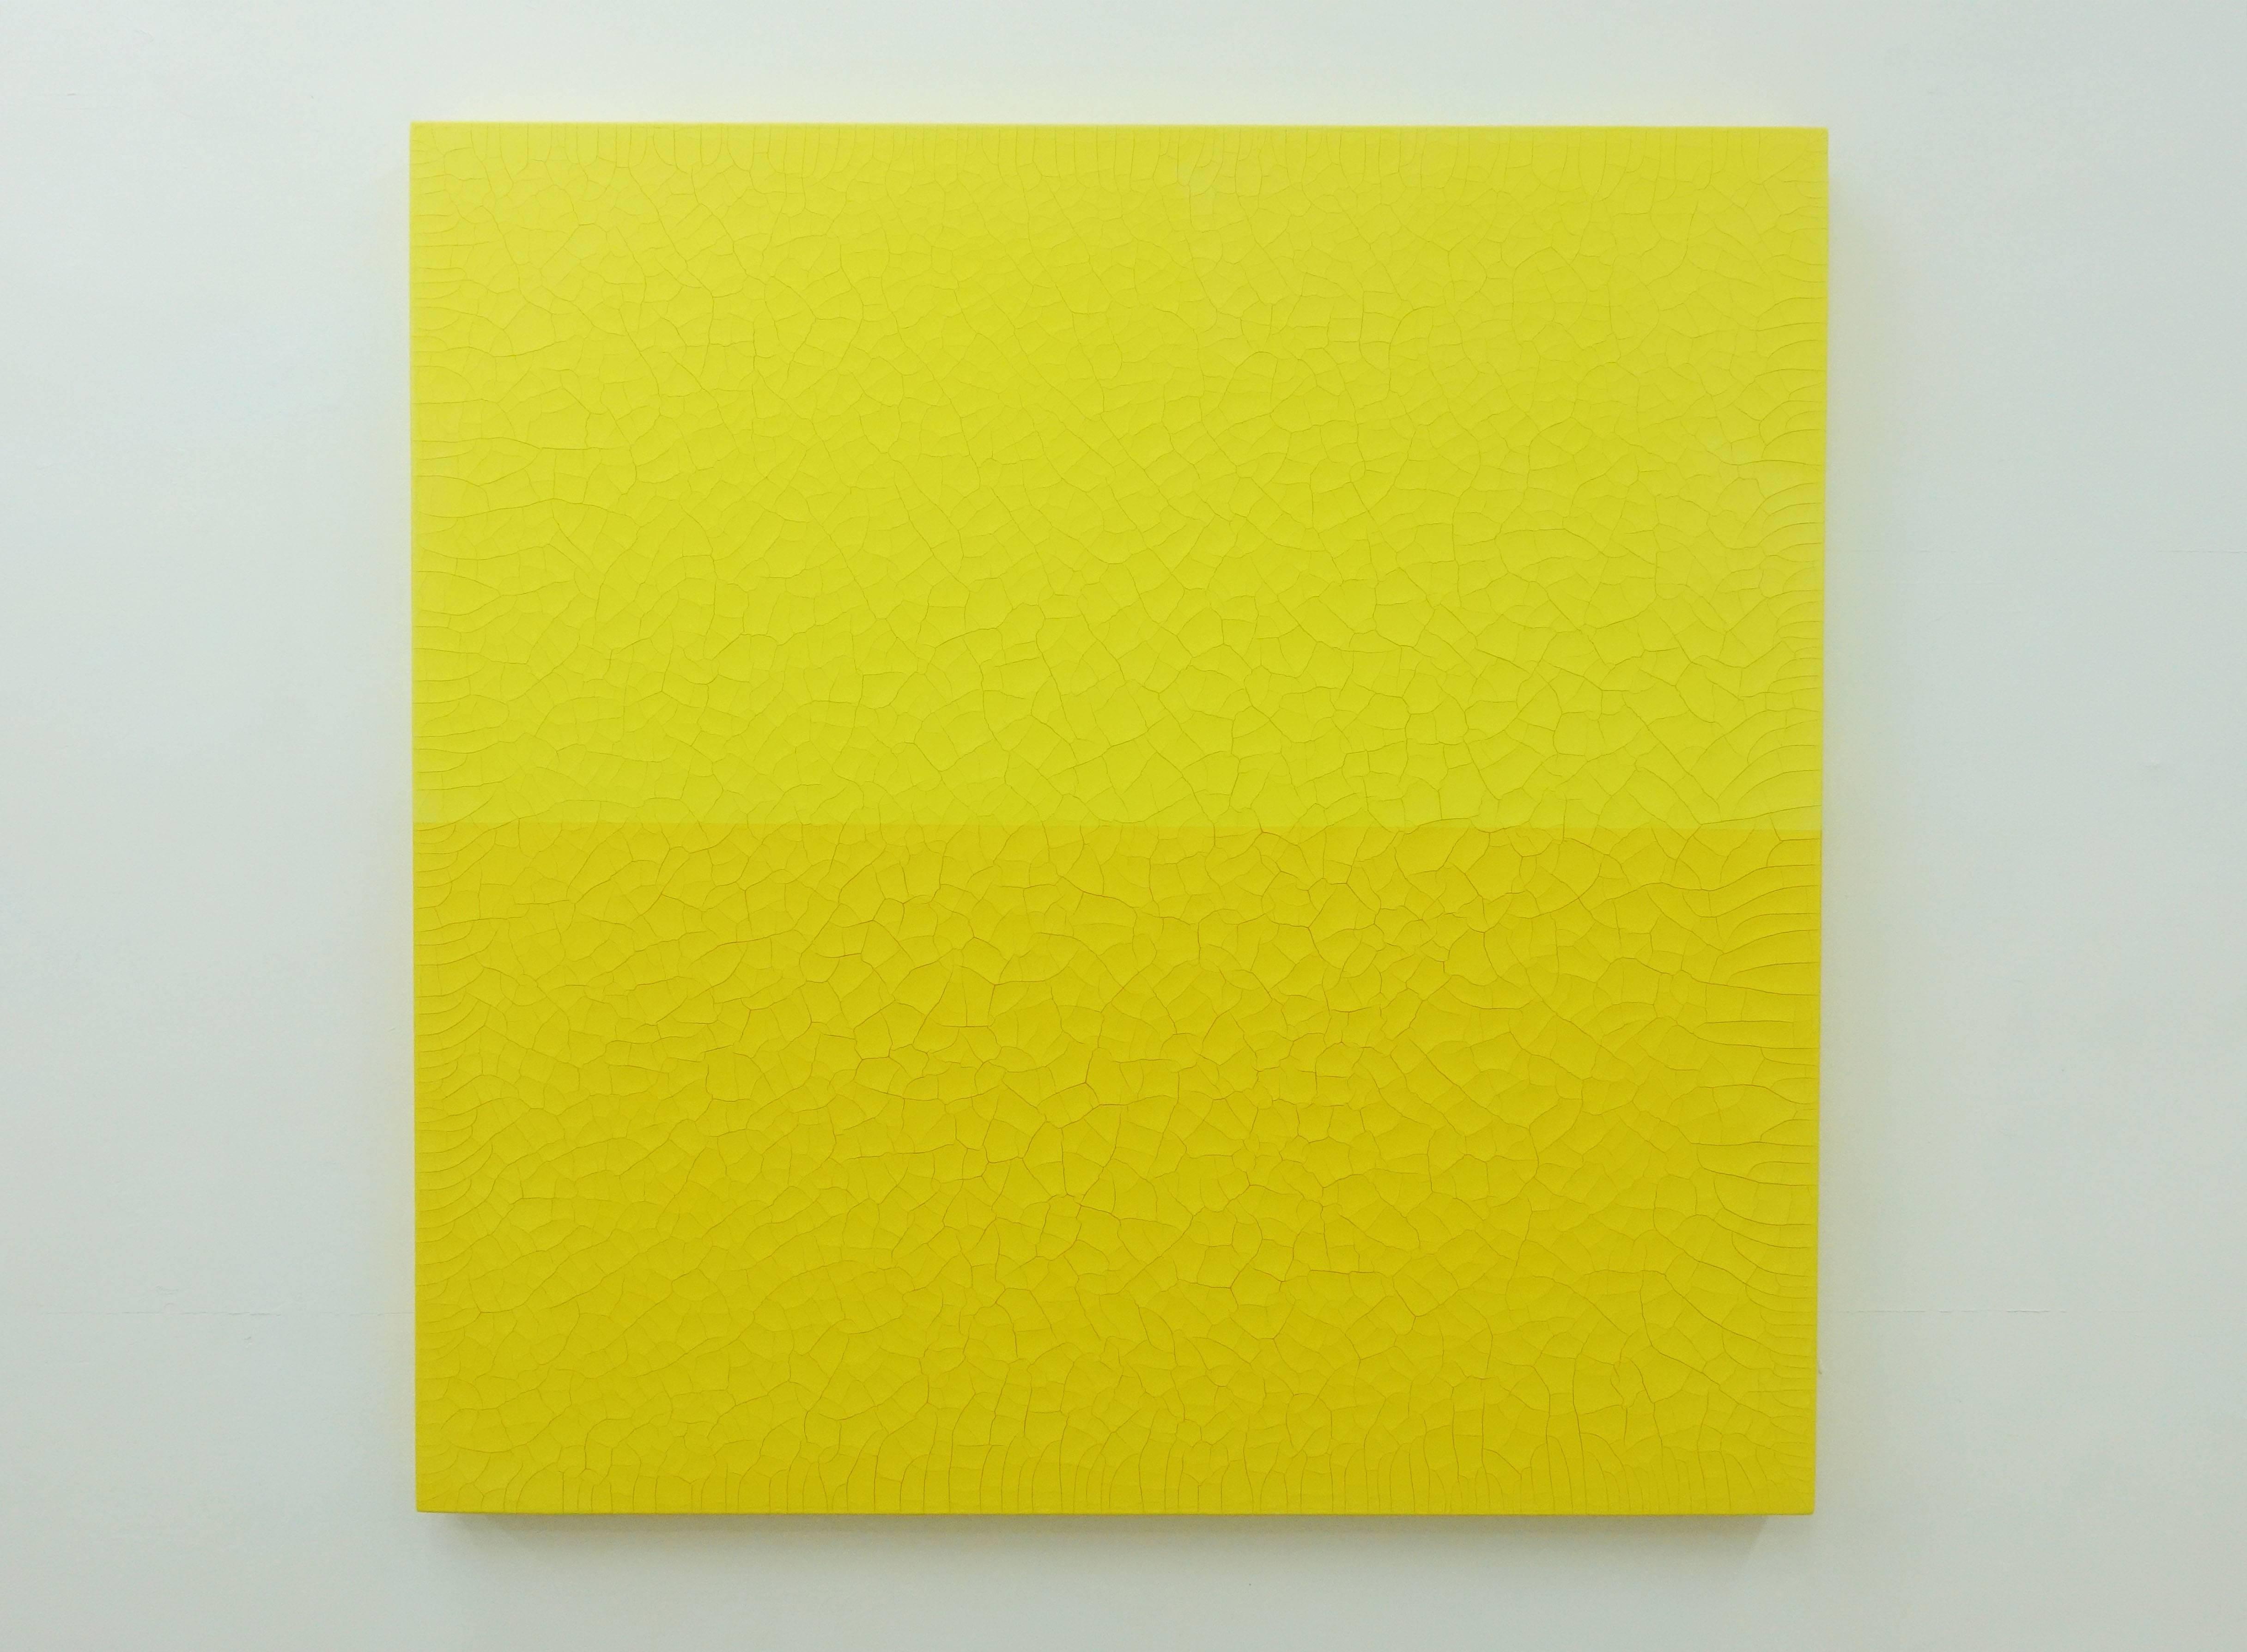 王永衢,《One Hundred Year March》,110 x 110 cm,乳膠漆、廣告顏料、畫布、木板,2019。